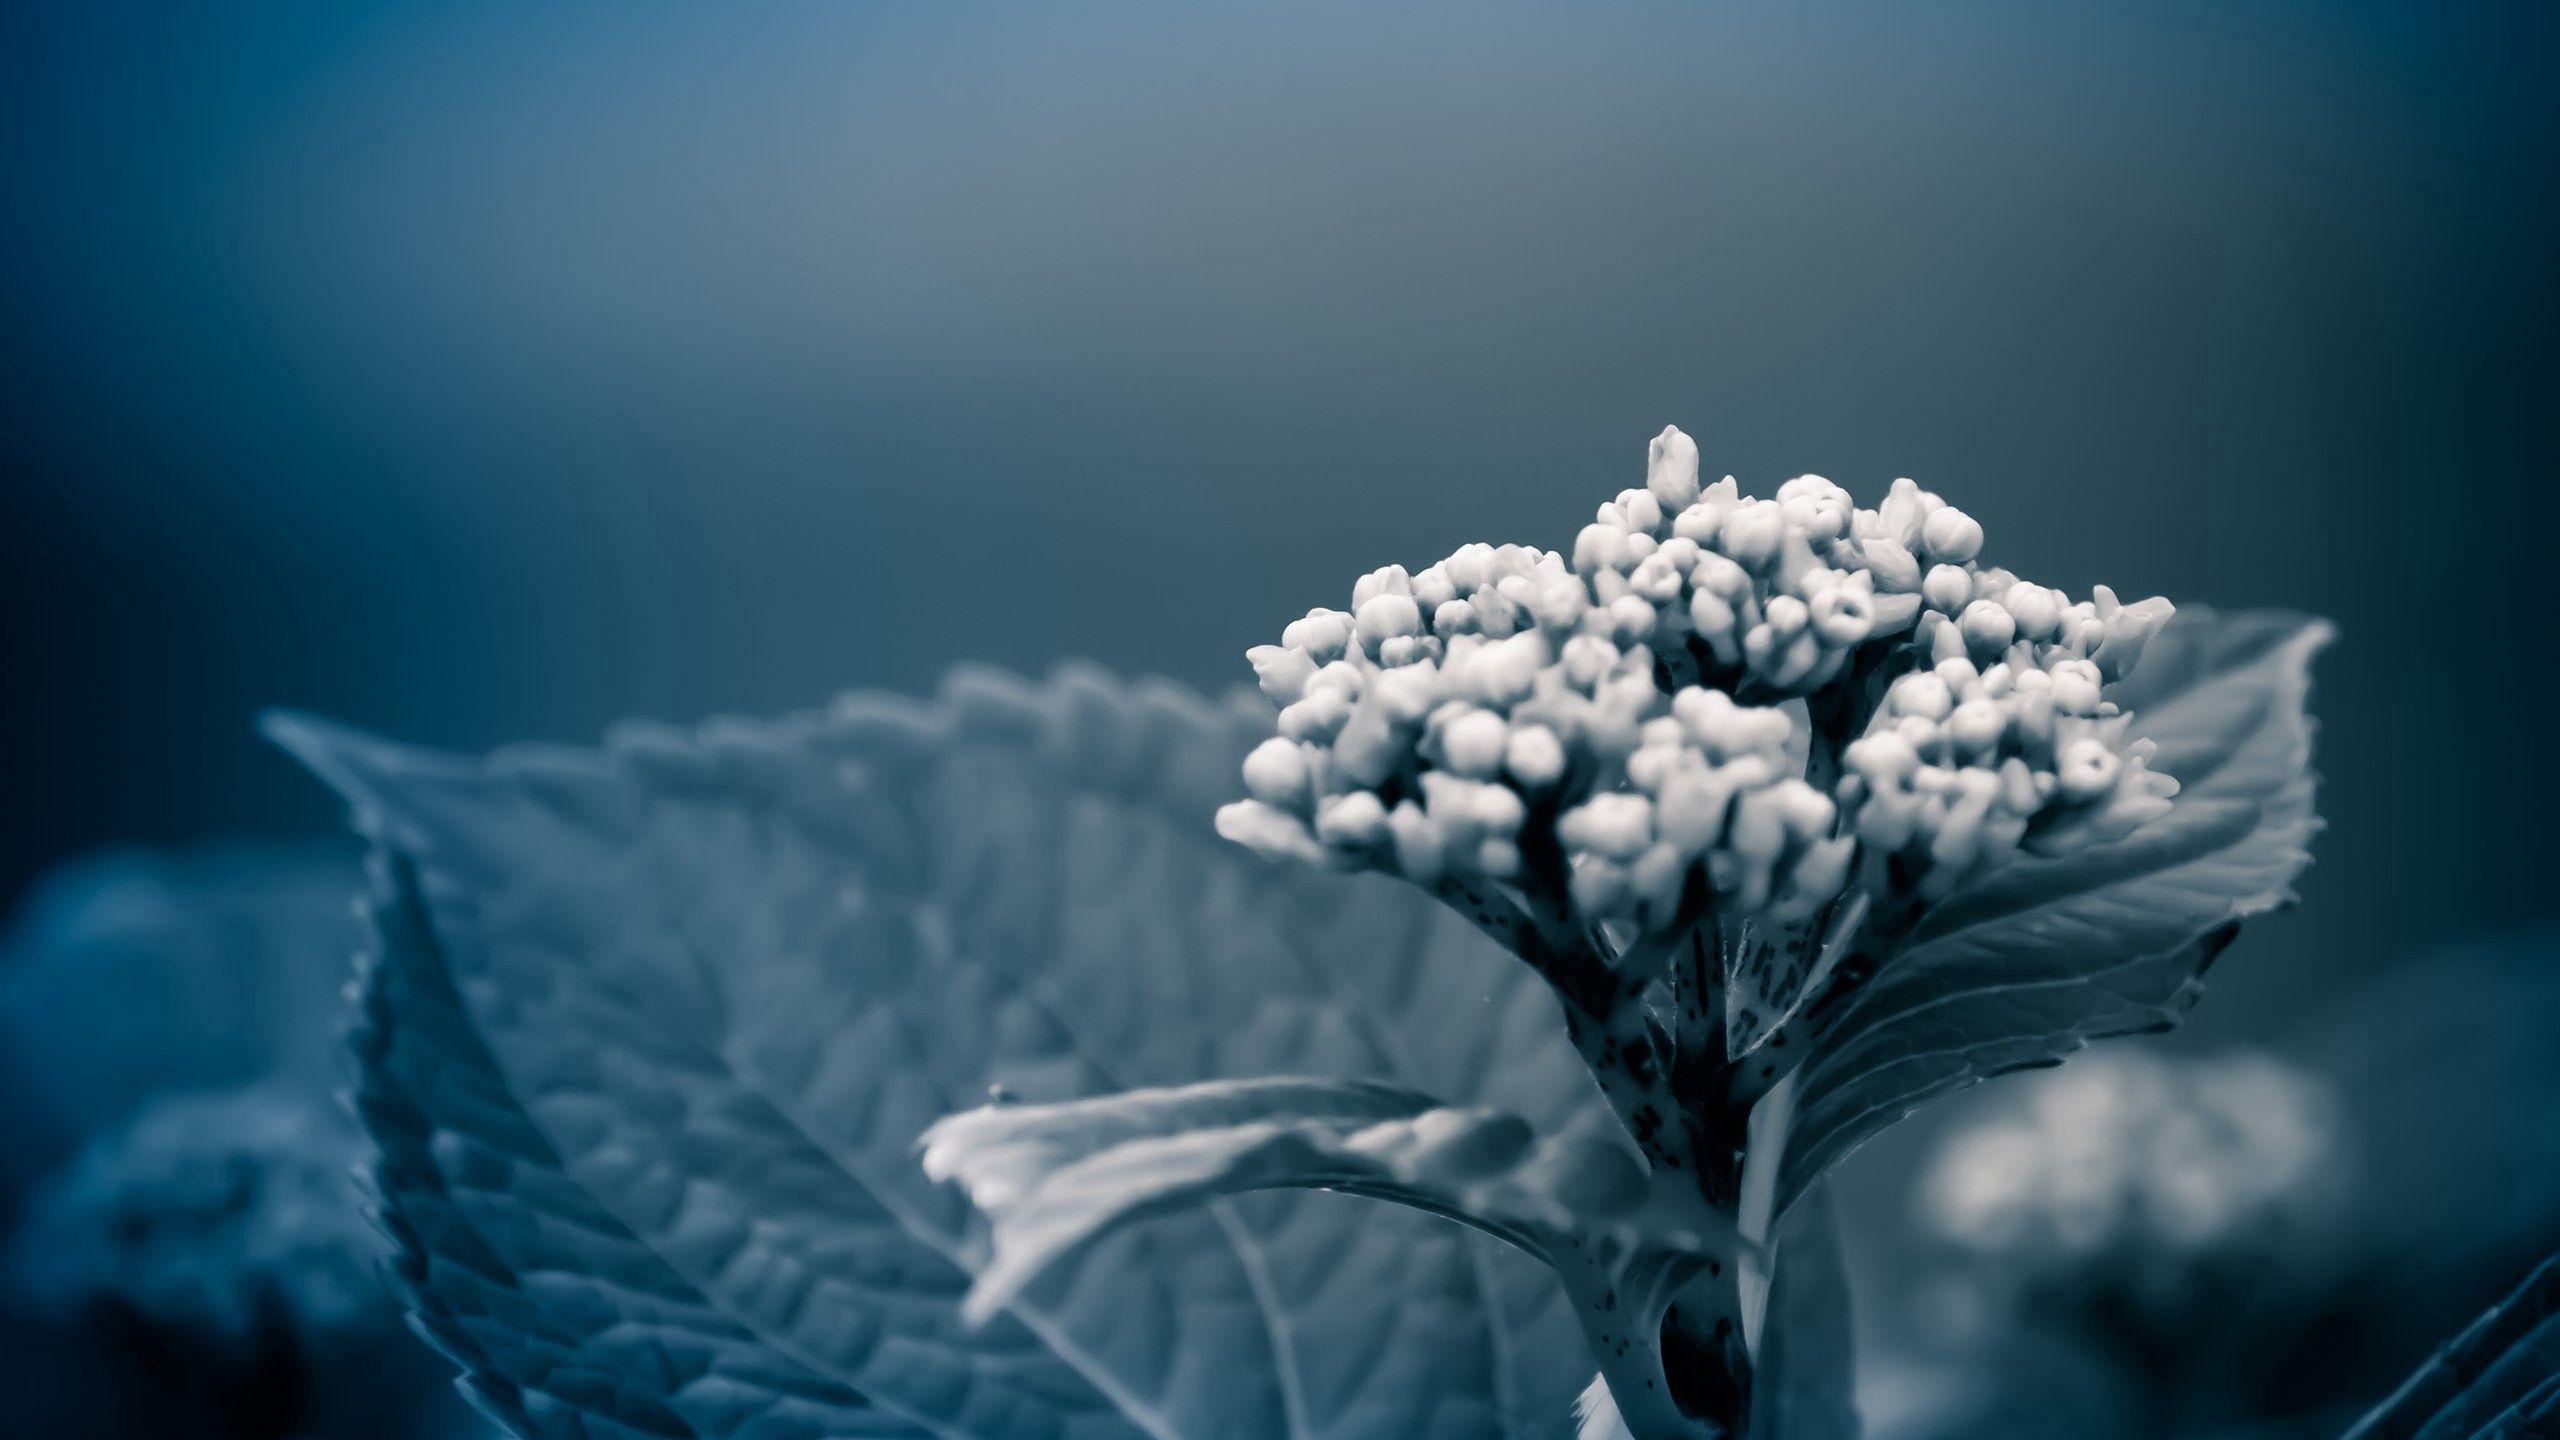 94967 скачать обои Макро, Трава, Свет, Растение, Темный, Тень - заставки и картинки бесплатно